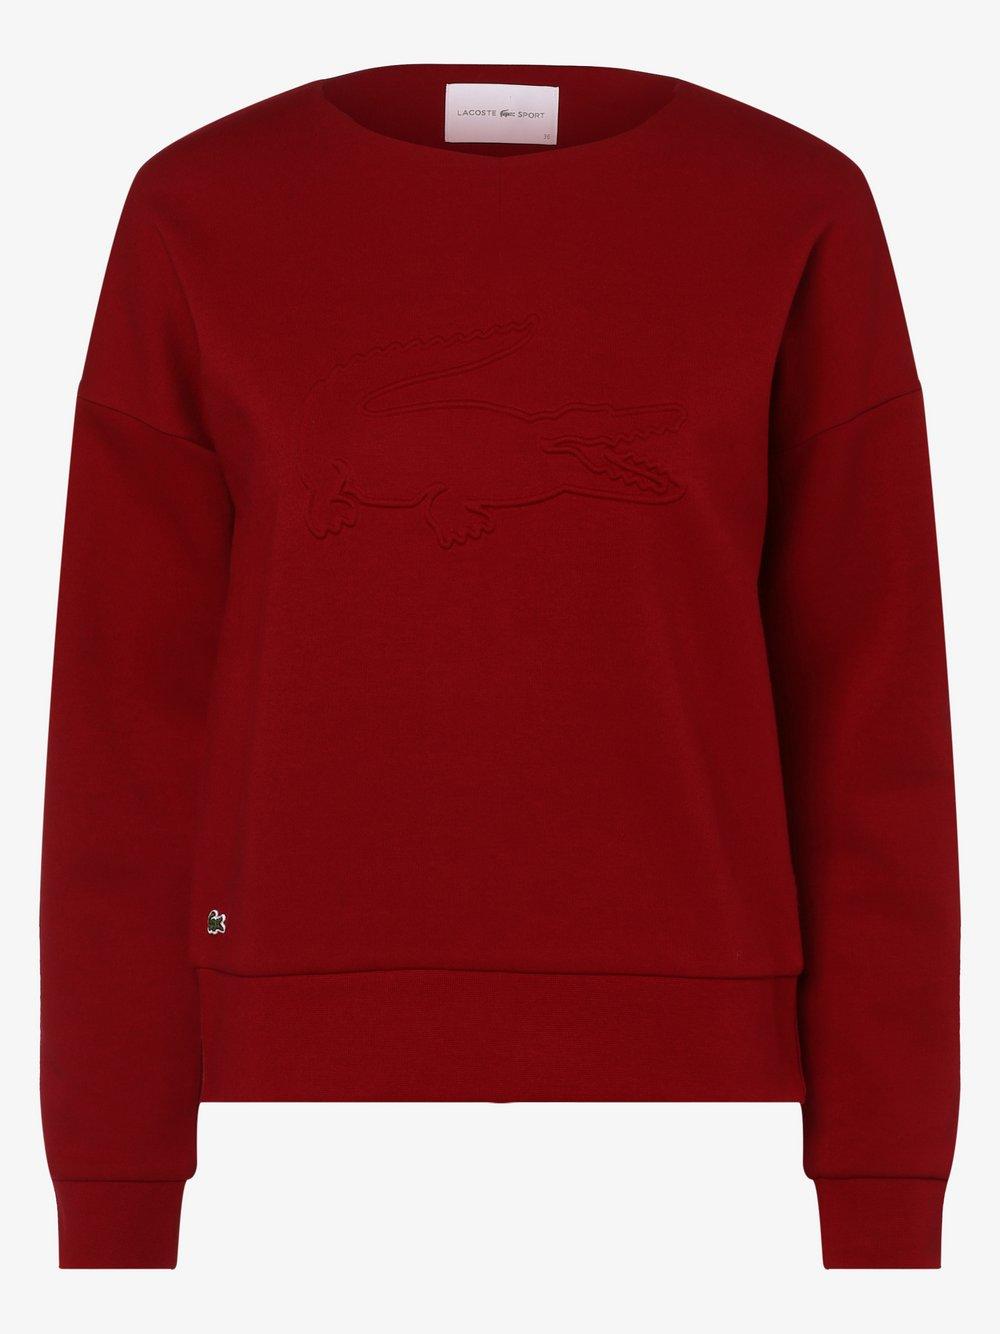 Lacoste - Damska bluza nierozpinana, czerwony